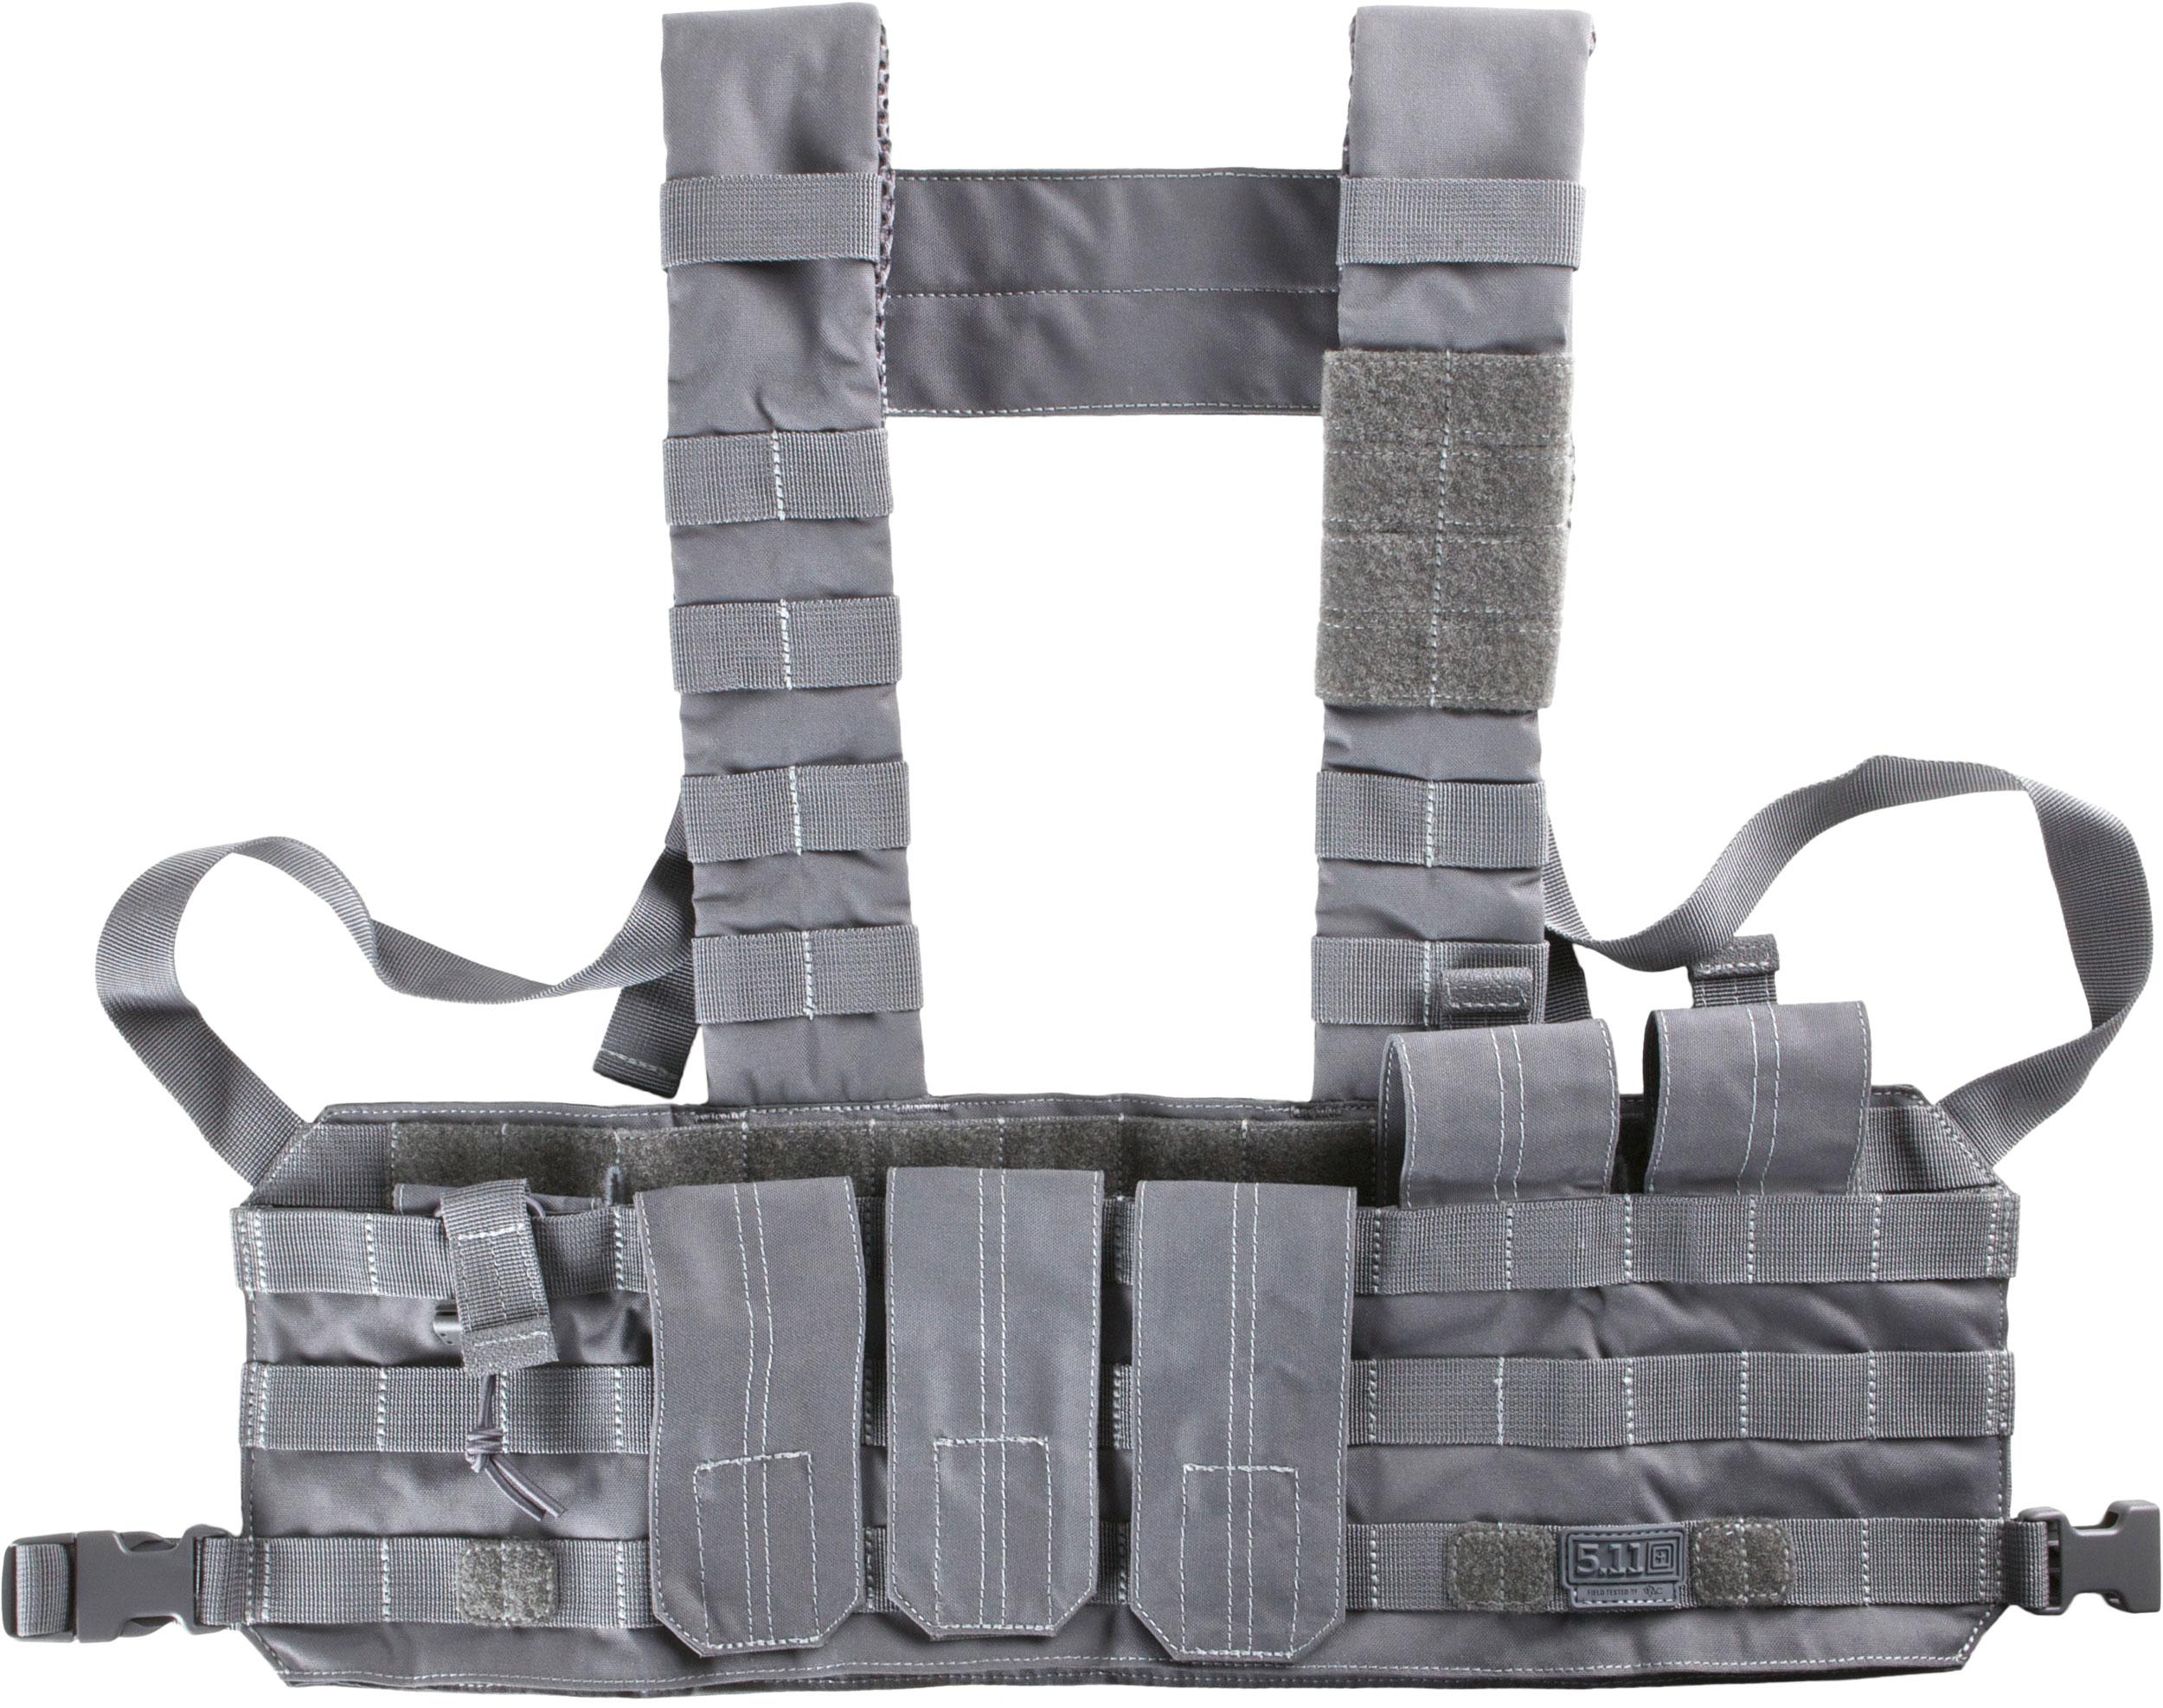 5.11 Tactical TacTec Tactical Chest Rig, Storm (56061-092)